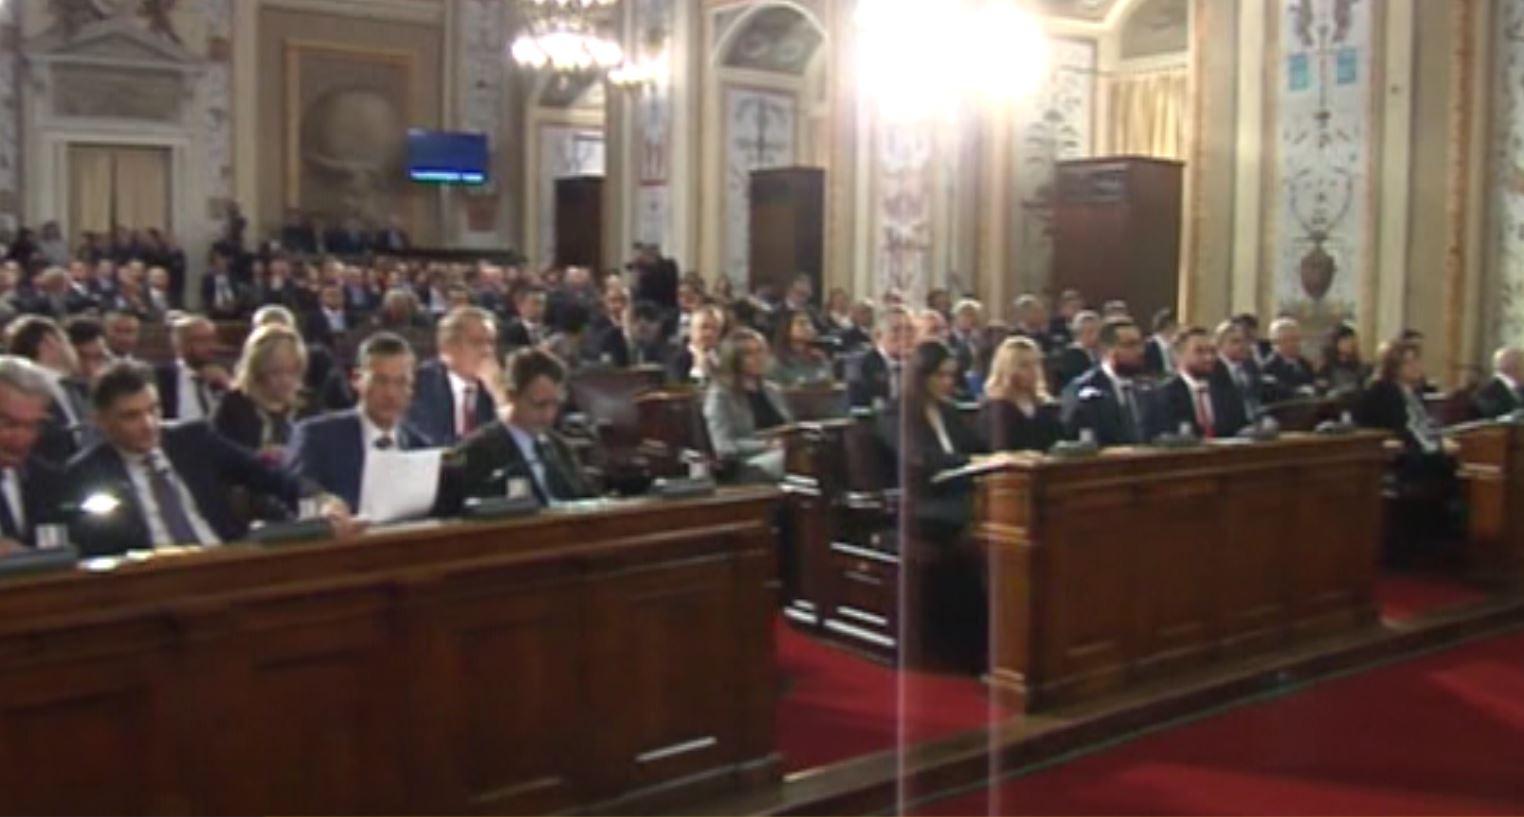 Ufficio di Presidenza all'Ars, nulla di fatto: seduta rinviata a domani